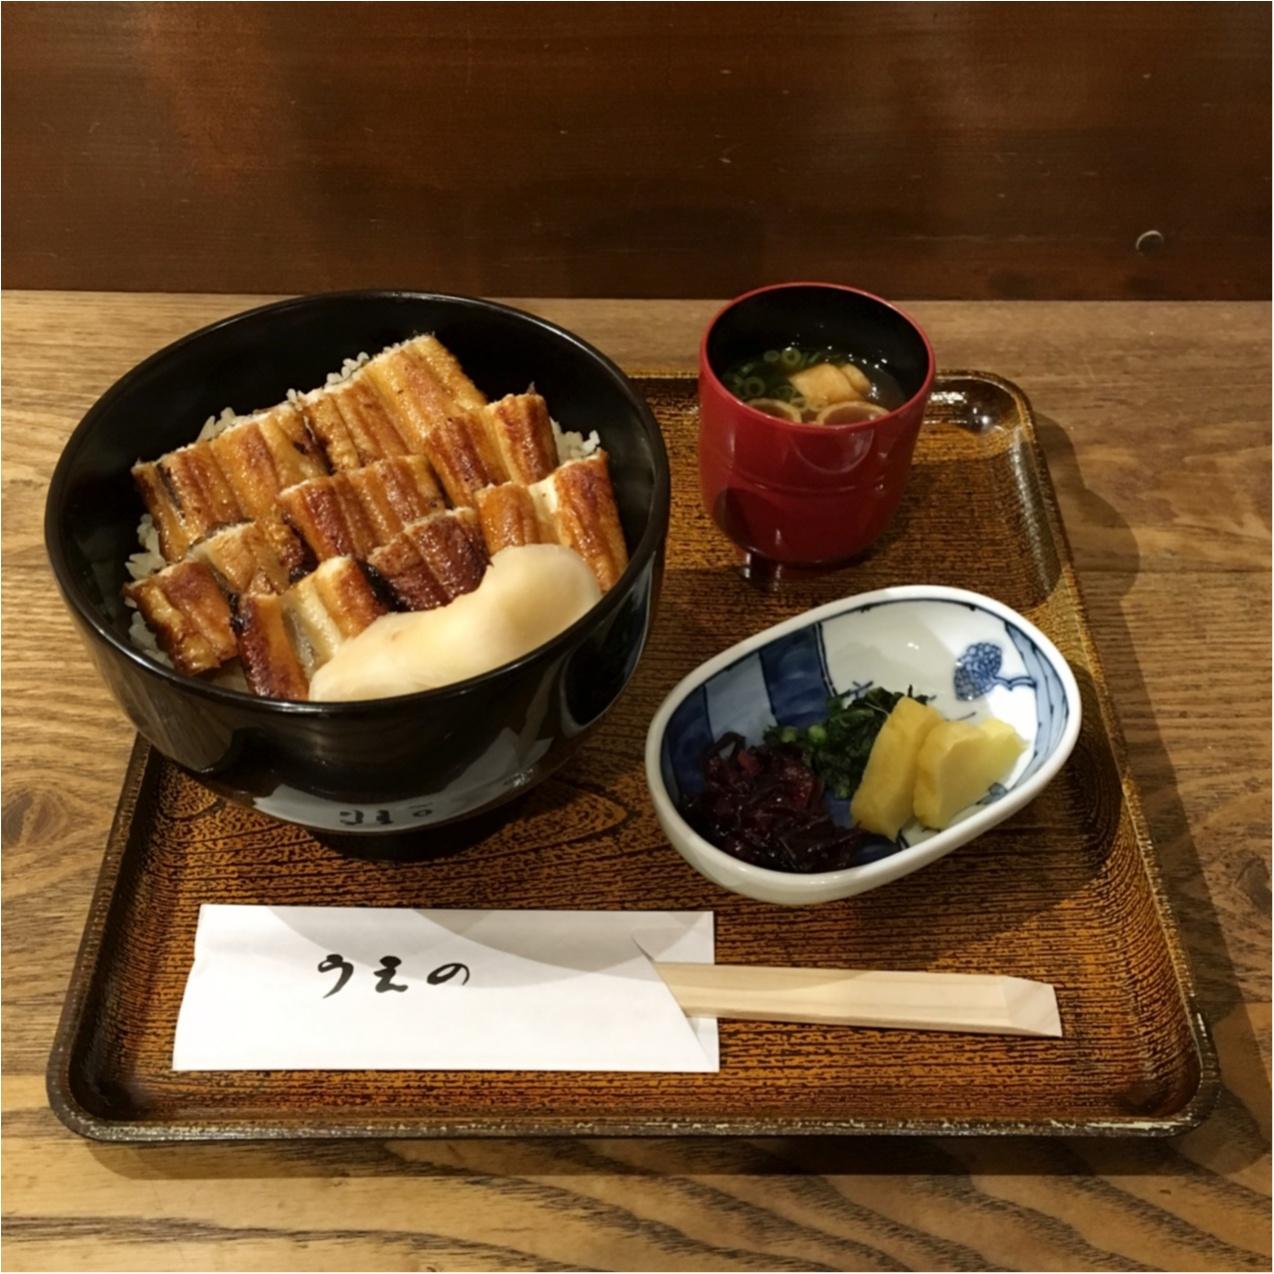 《 広島・宮島 》に行ったら食べたい!名物グルメ ♡_2